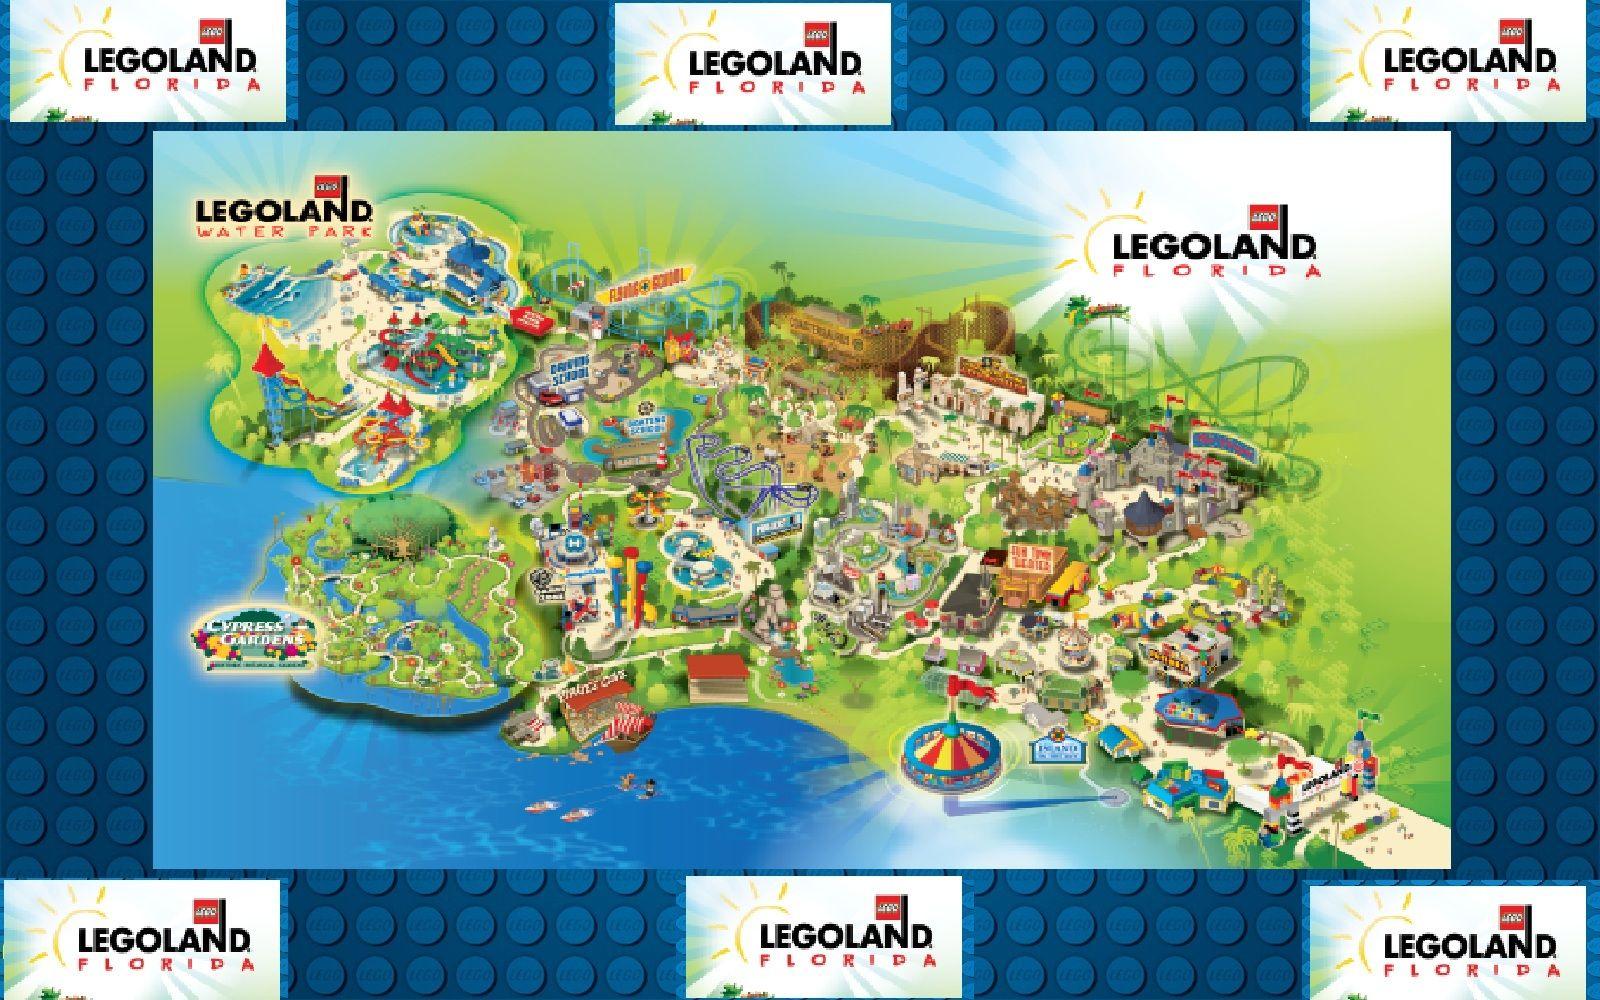 #LEGOLANDFlorida Map of Legoland florida! Look how big ...